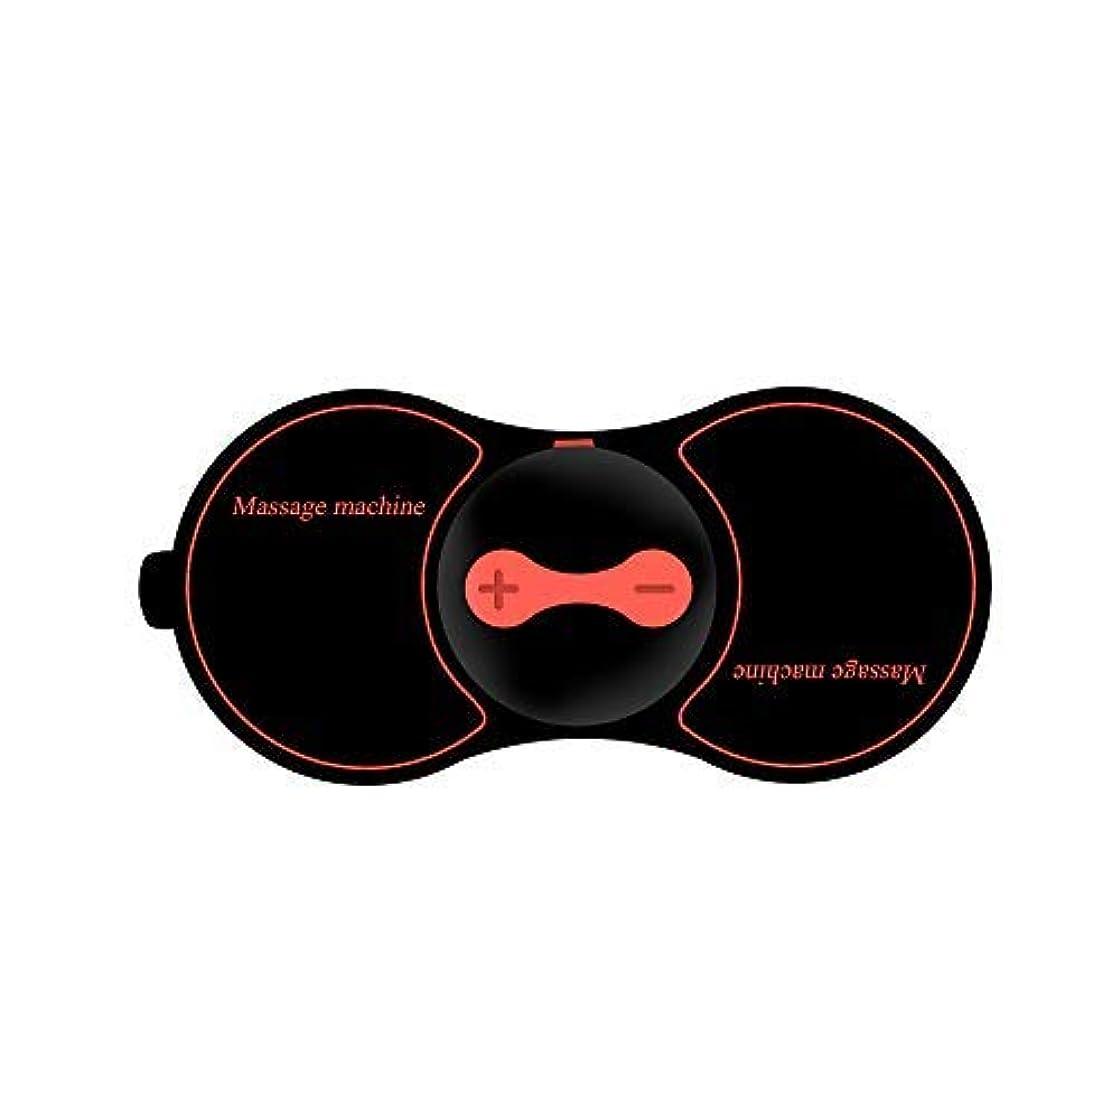 マッサージャー マッサージパッド 超軽量コンパクト コードレス 電気でこり、痛みを緩和 肩、背中、腕、太もも、ふくらはぎに向け 5マッサージモード 10段階調節 リラックス 部屋 オフィス 旅行 健康家電 (ブラック)